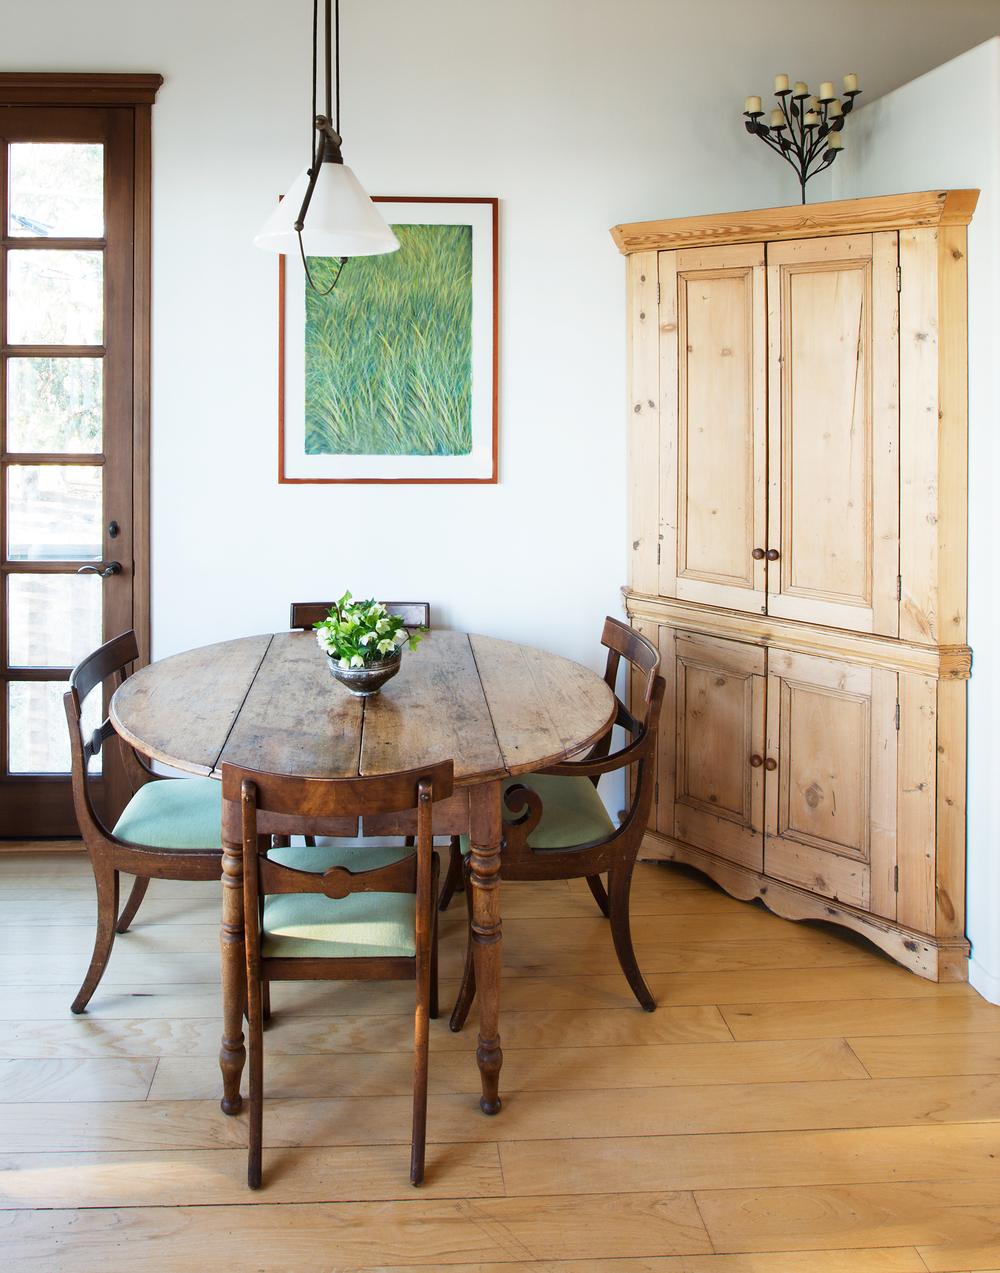 VILLA JAQUA - DINING ROOM